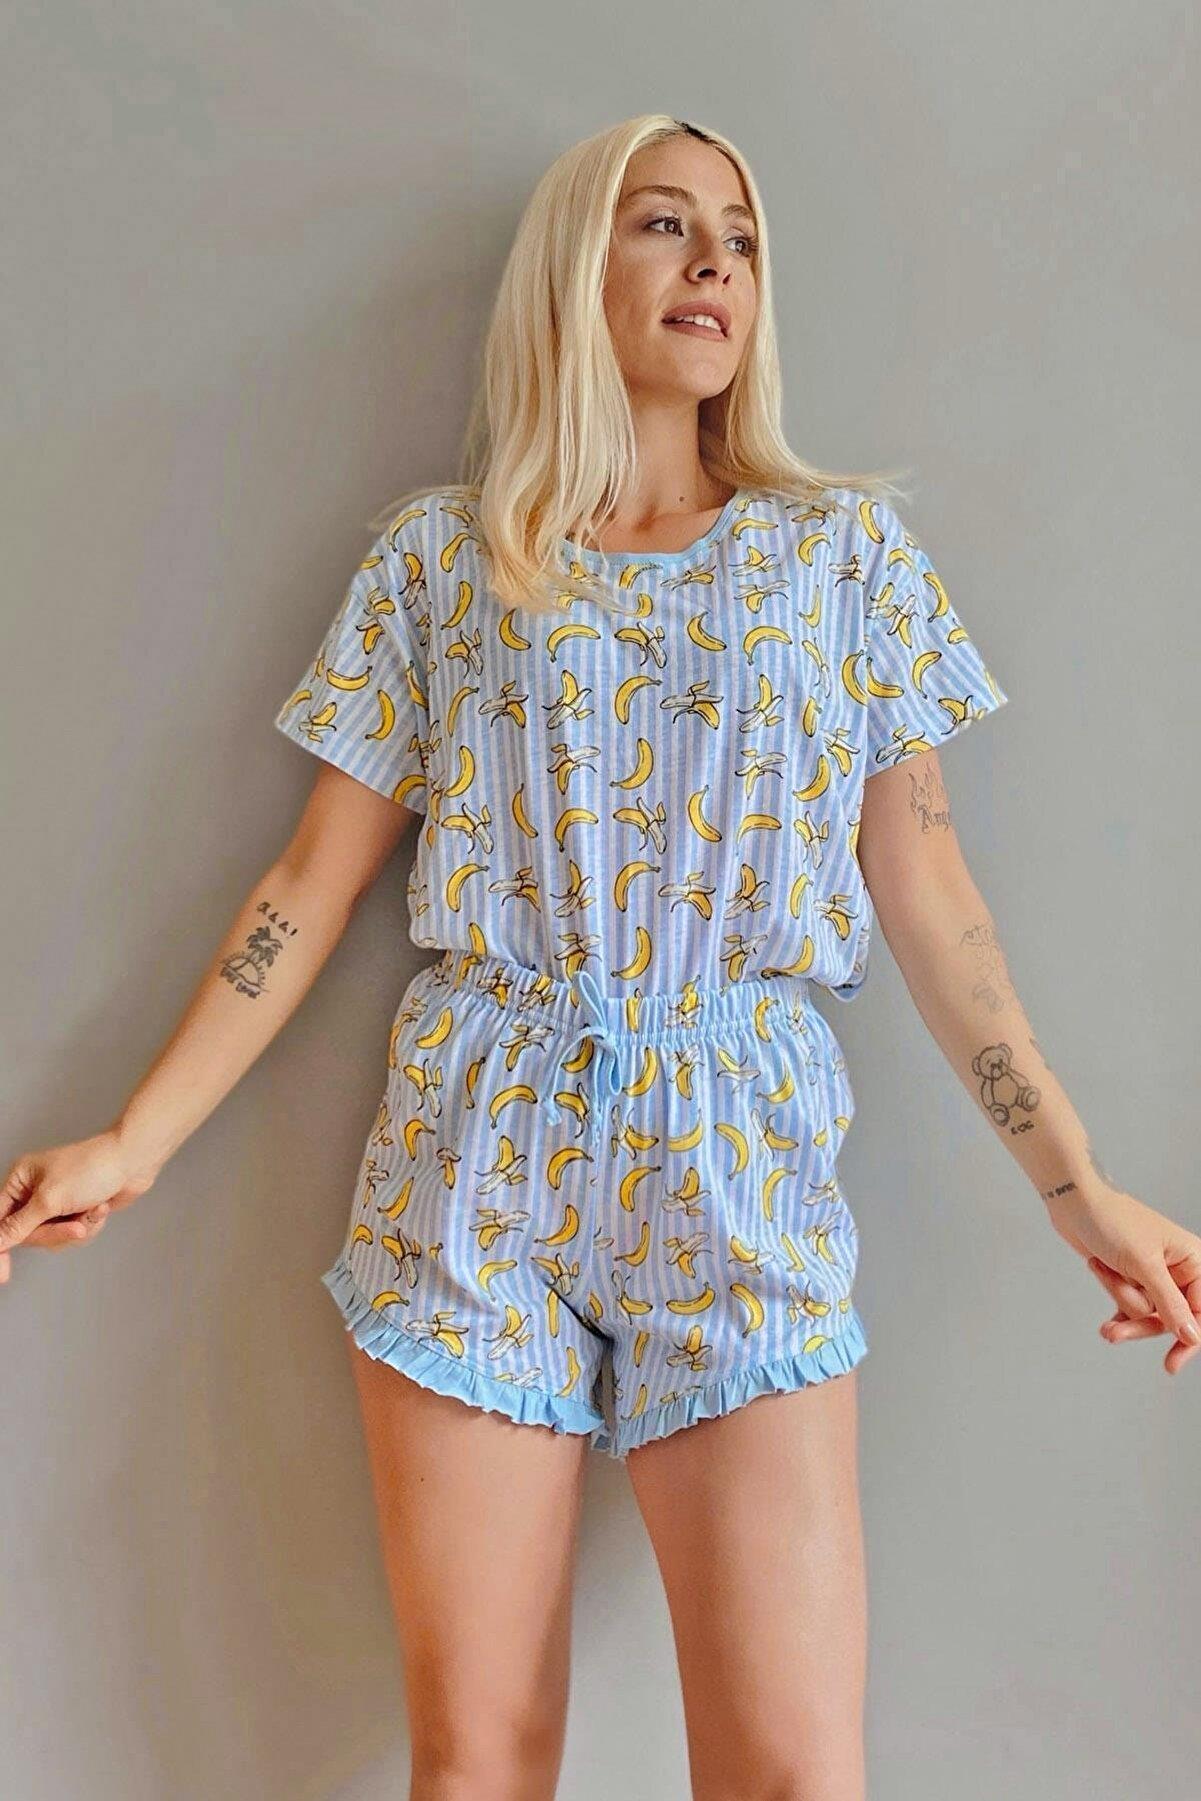 Pijamaevi Muz Baskılı Şortlu Kadın Pijama Takımı